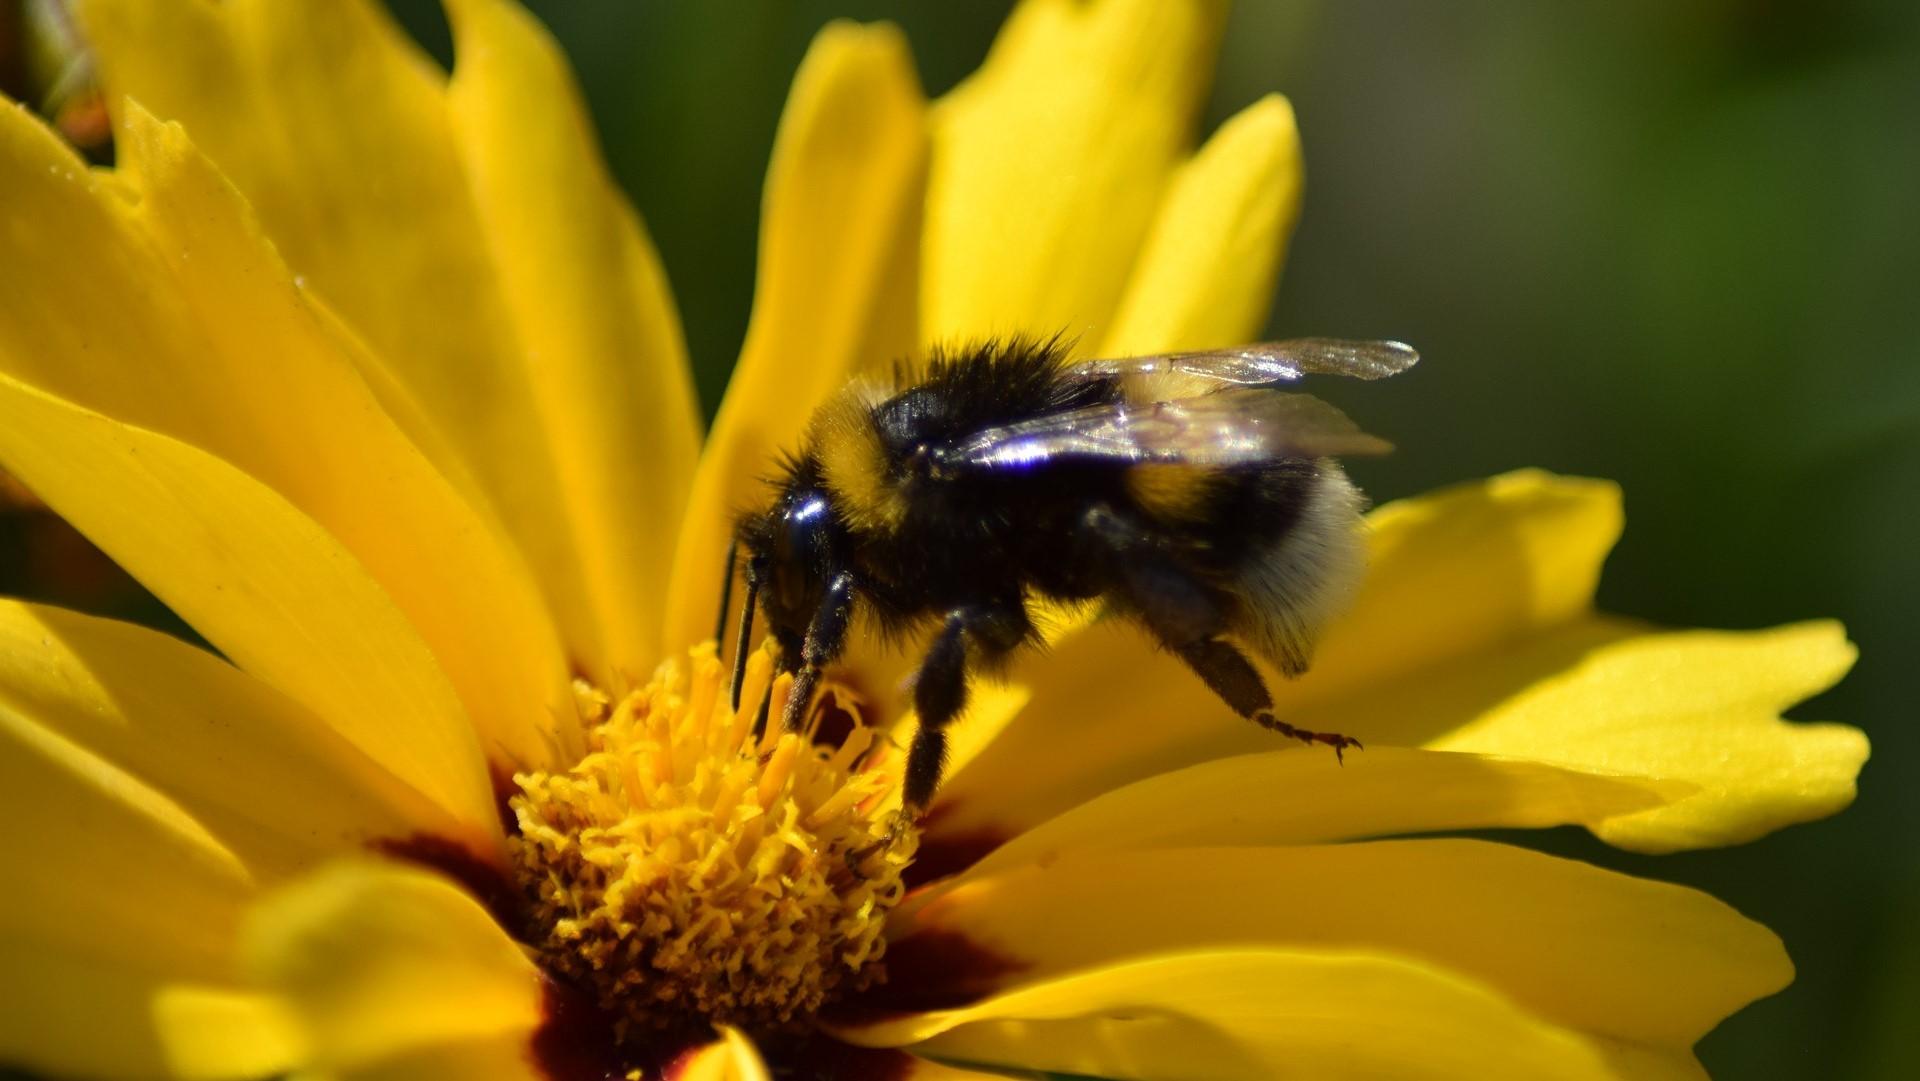 Garden Bumblebees - Attract Bees